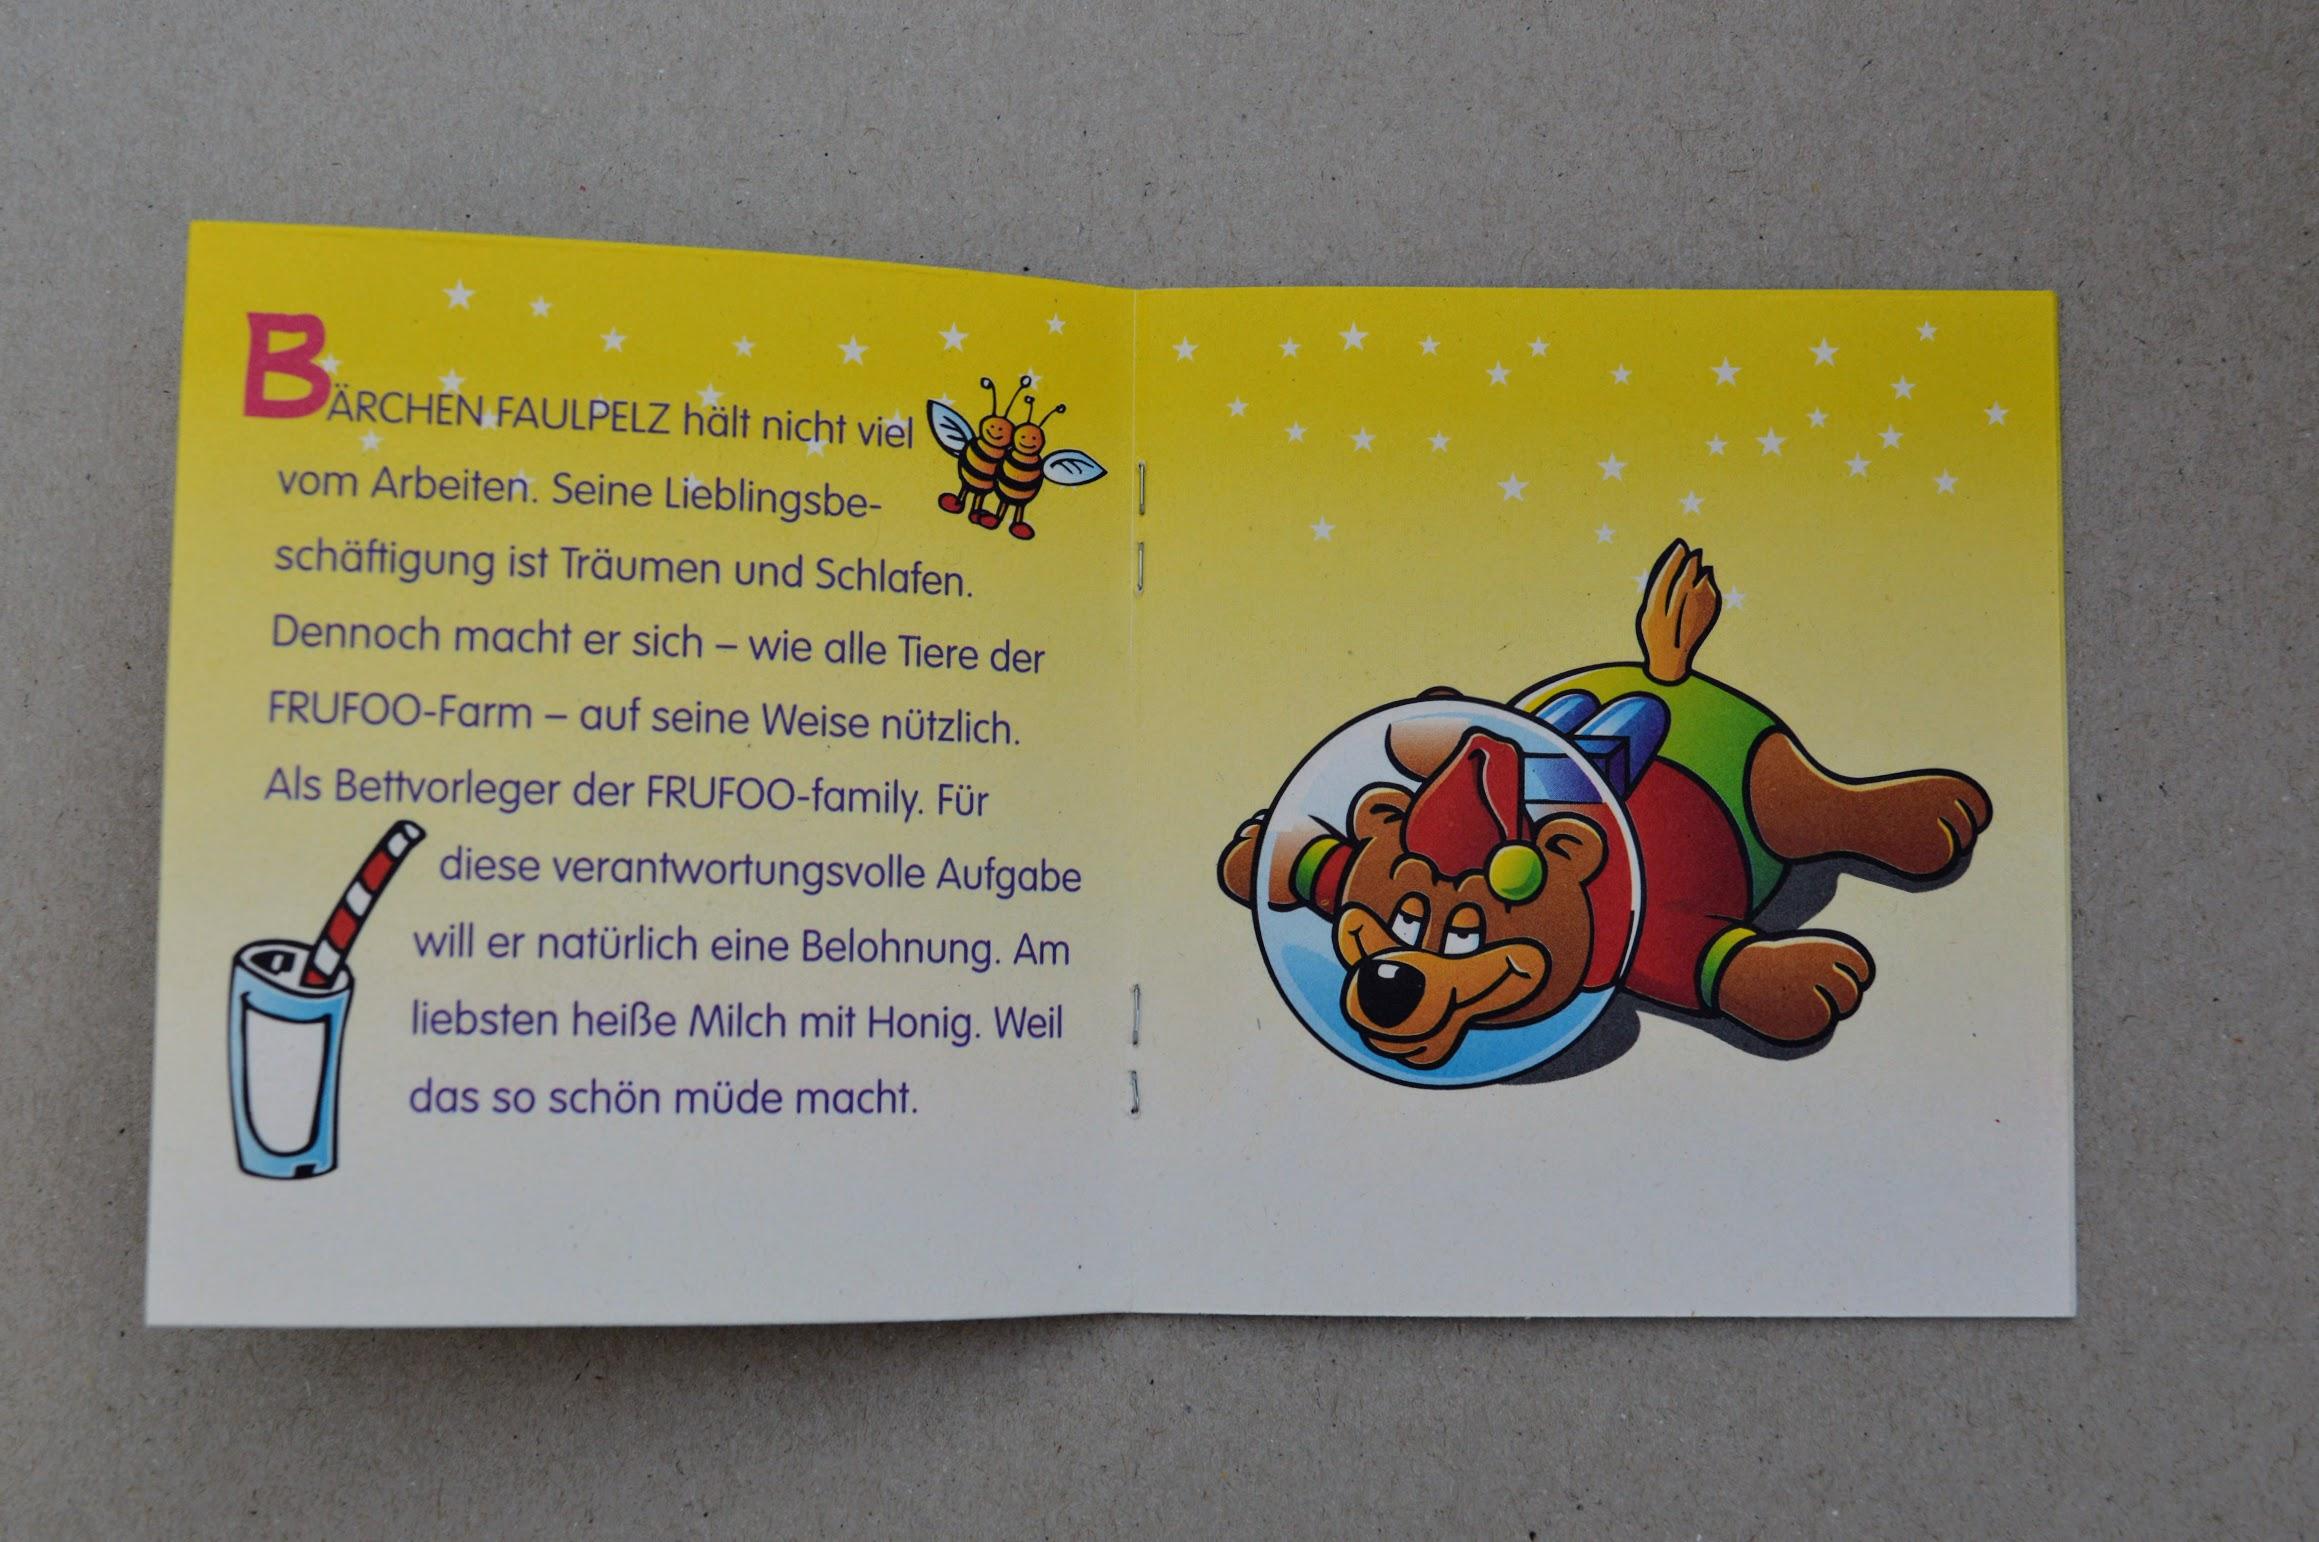 Frufoo Geschichten - Bärchen Faulpelz